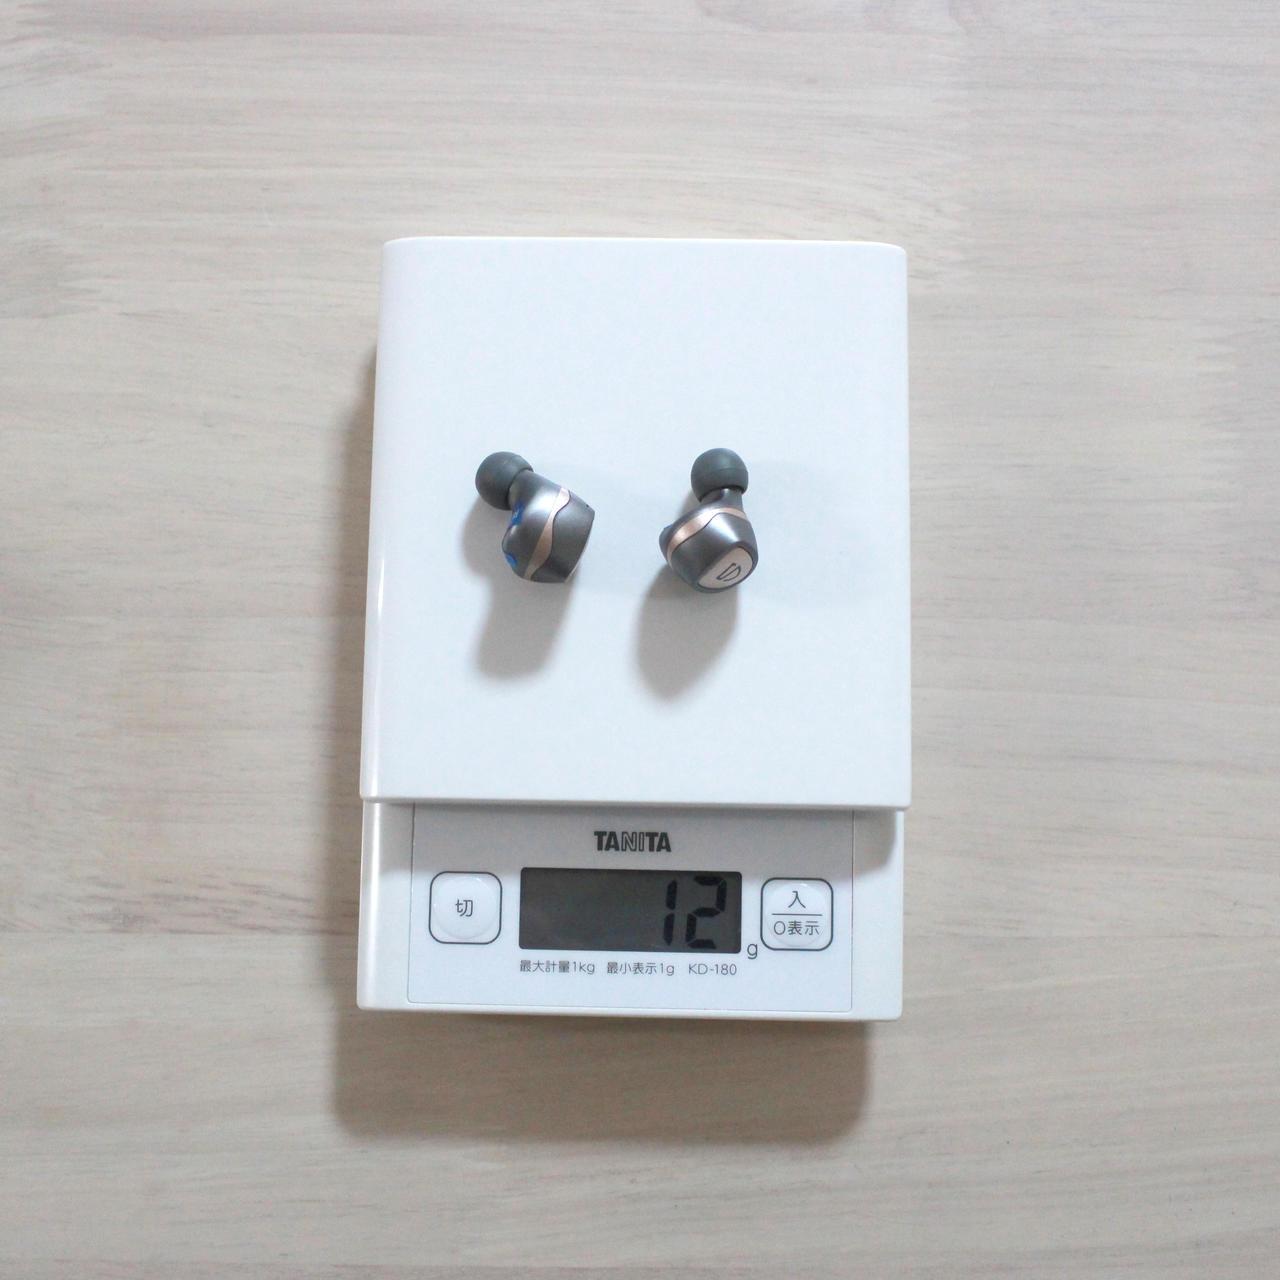 SOUNDPEATS Sonicの本体は両耳合わせて12g